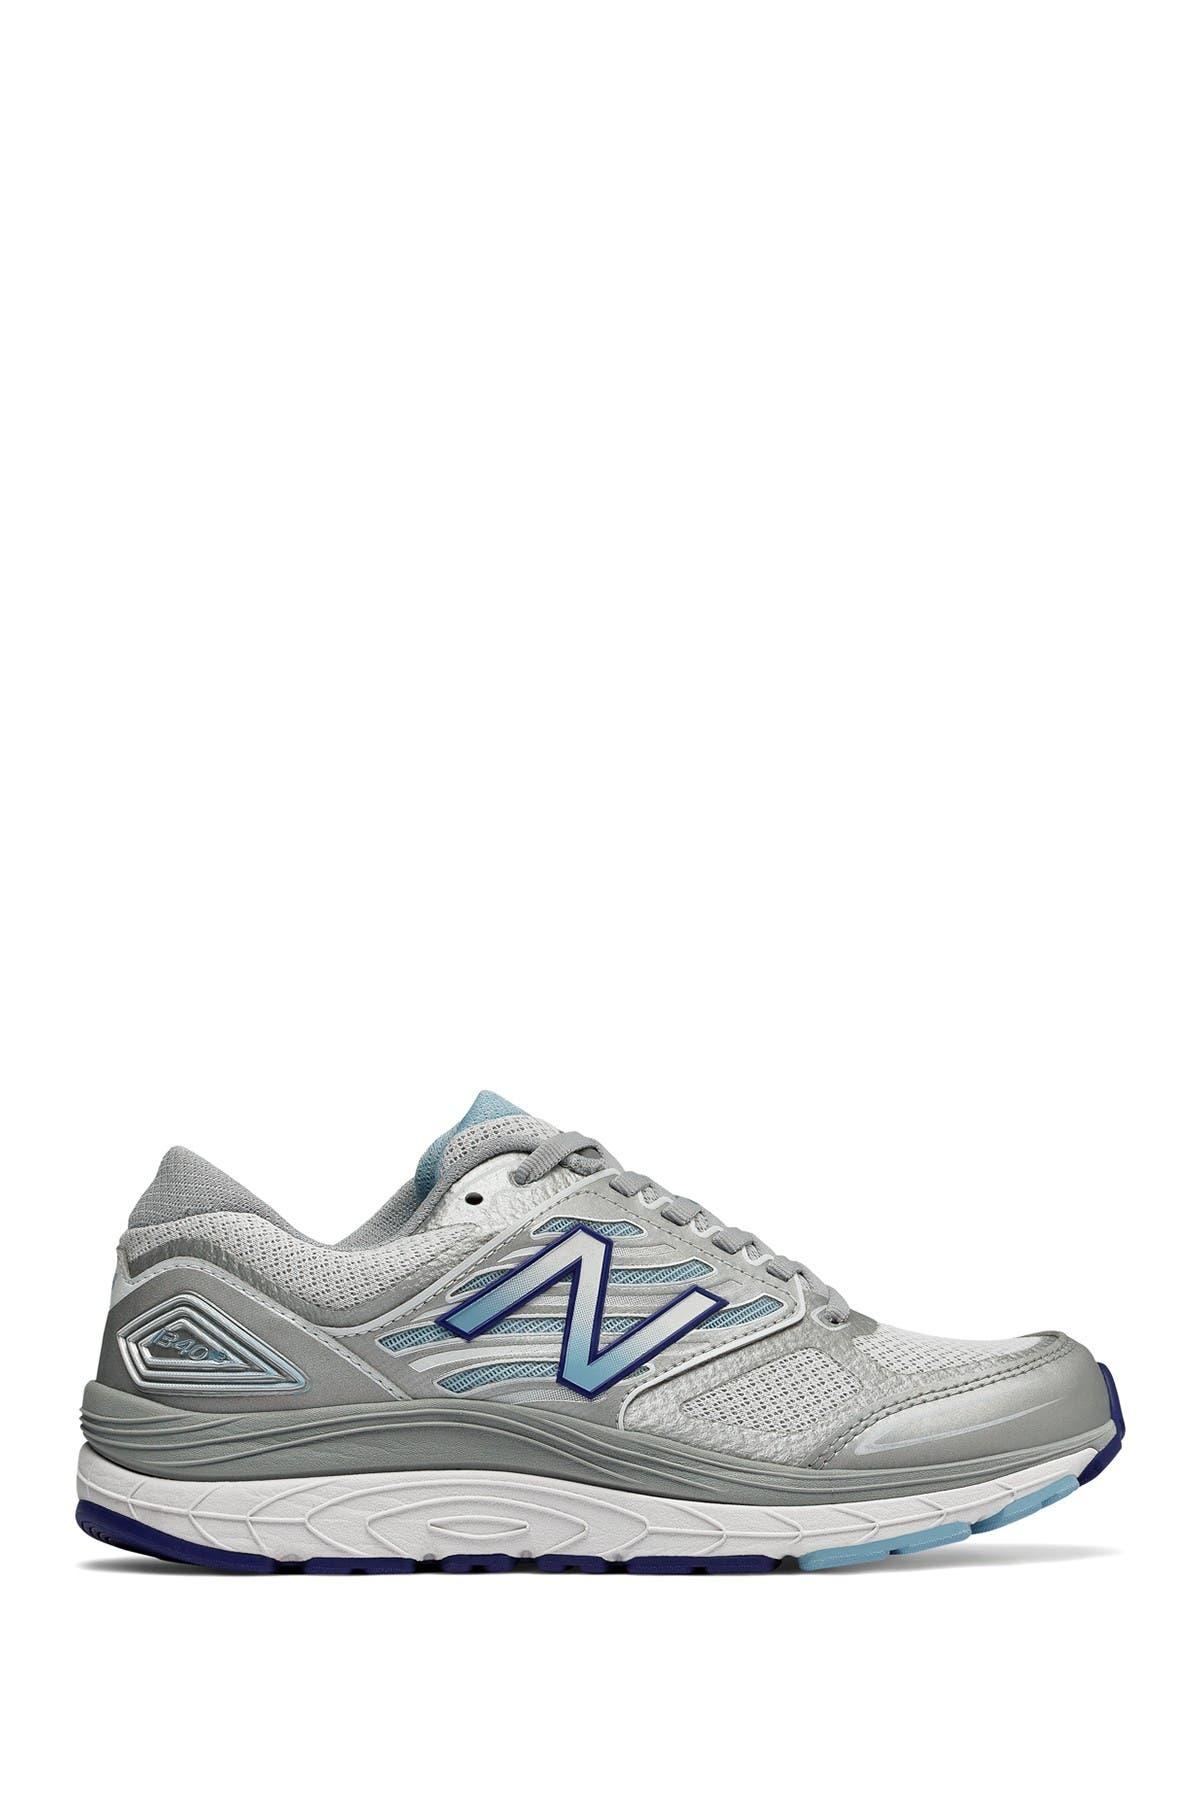 New Balance | 1340 V3 Sneaker